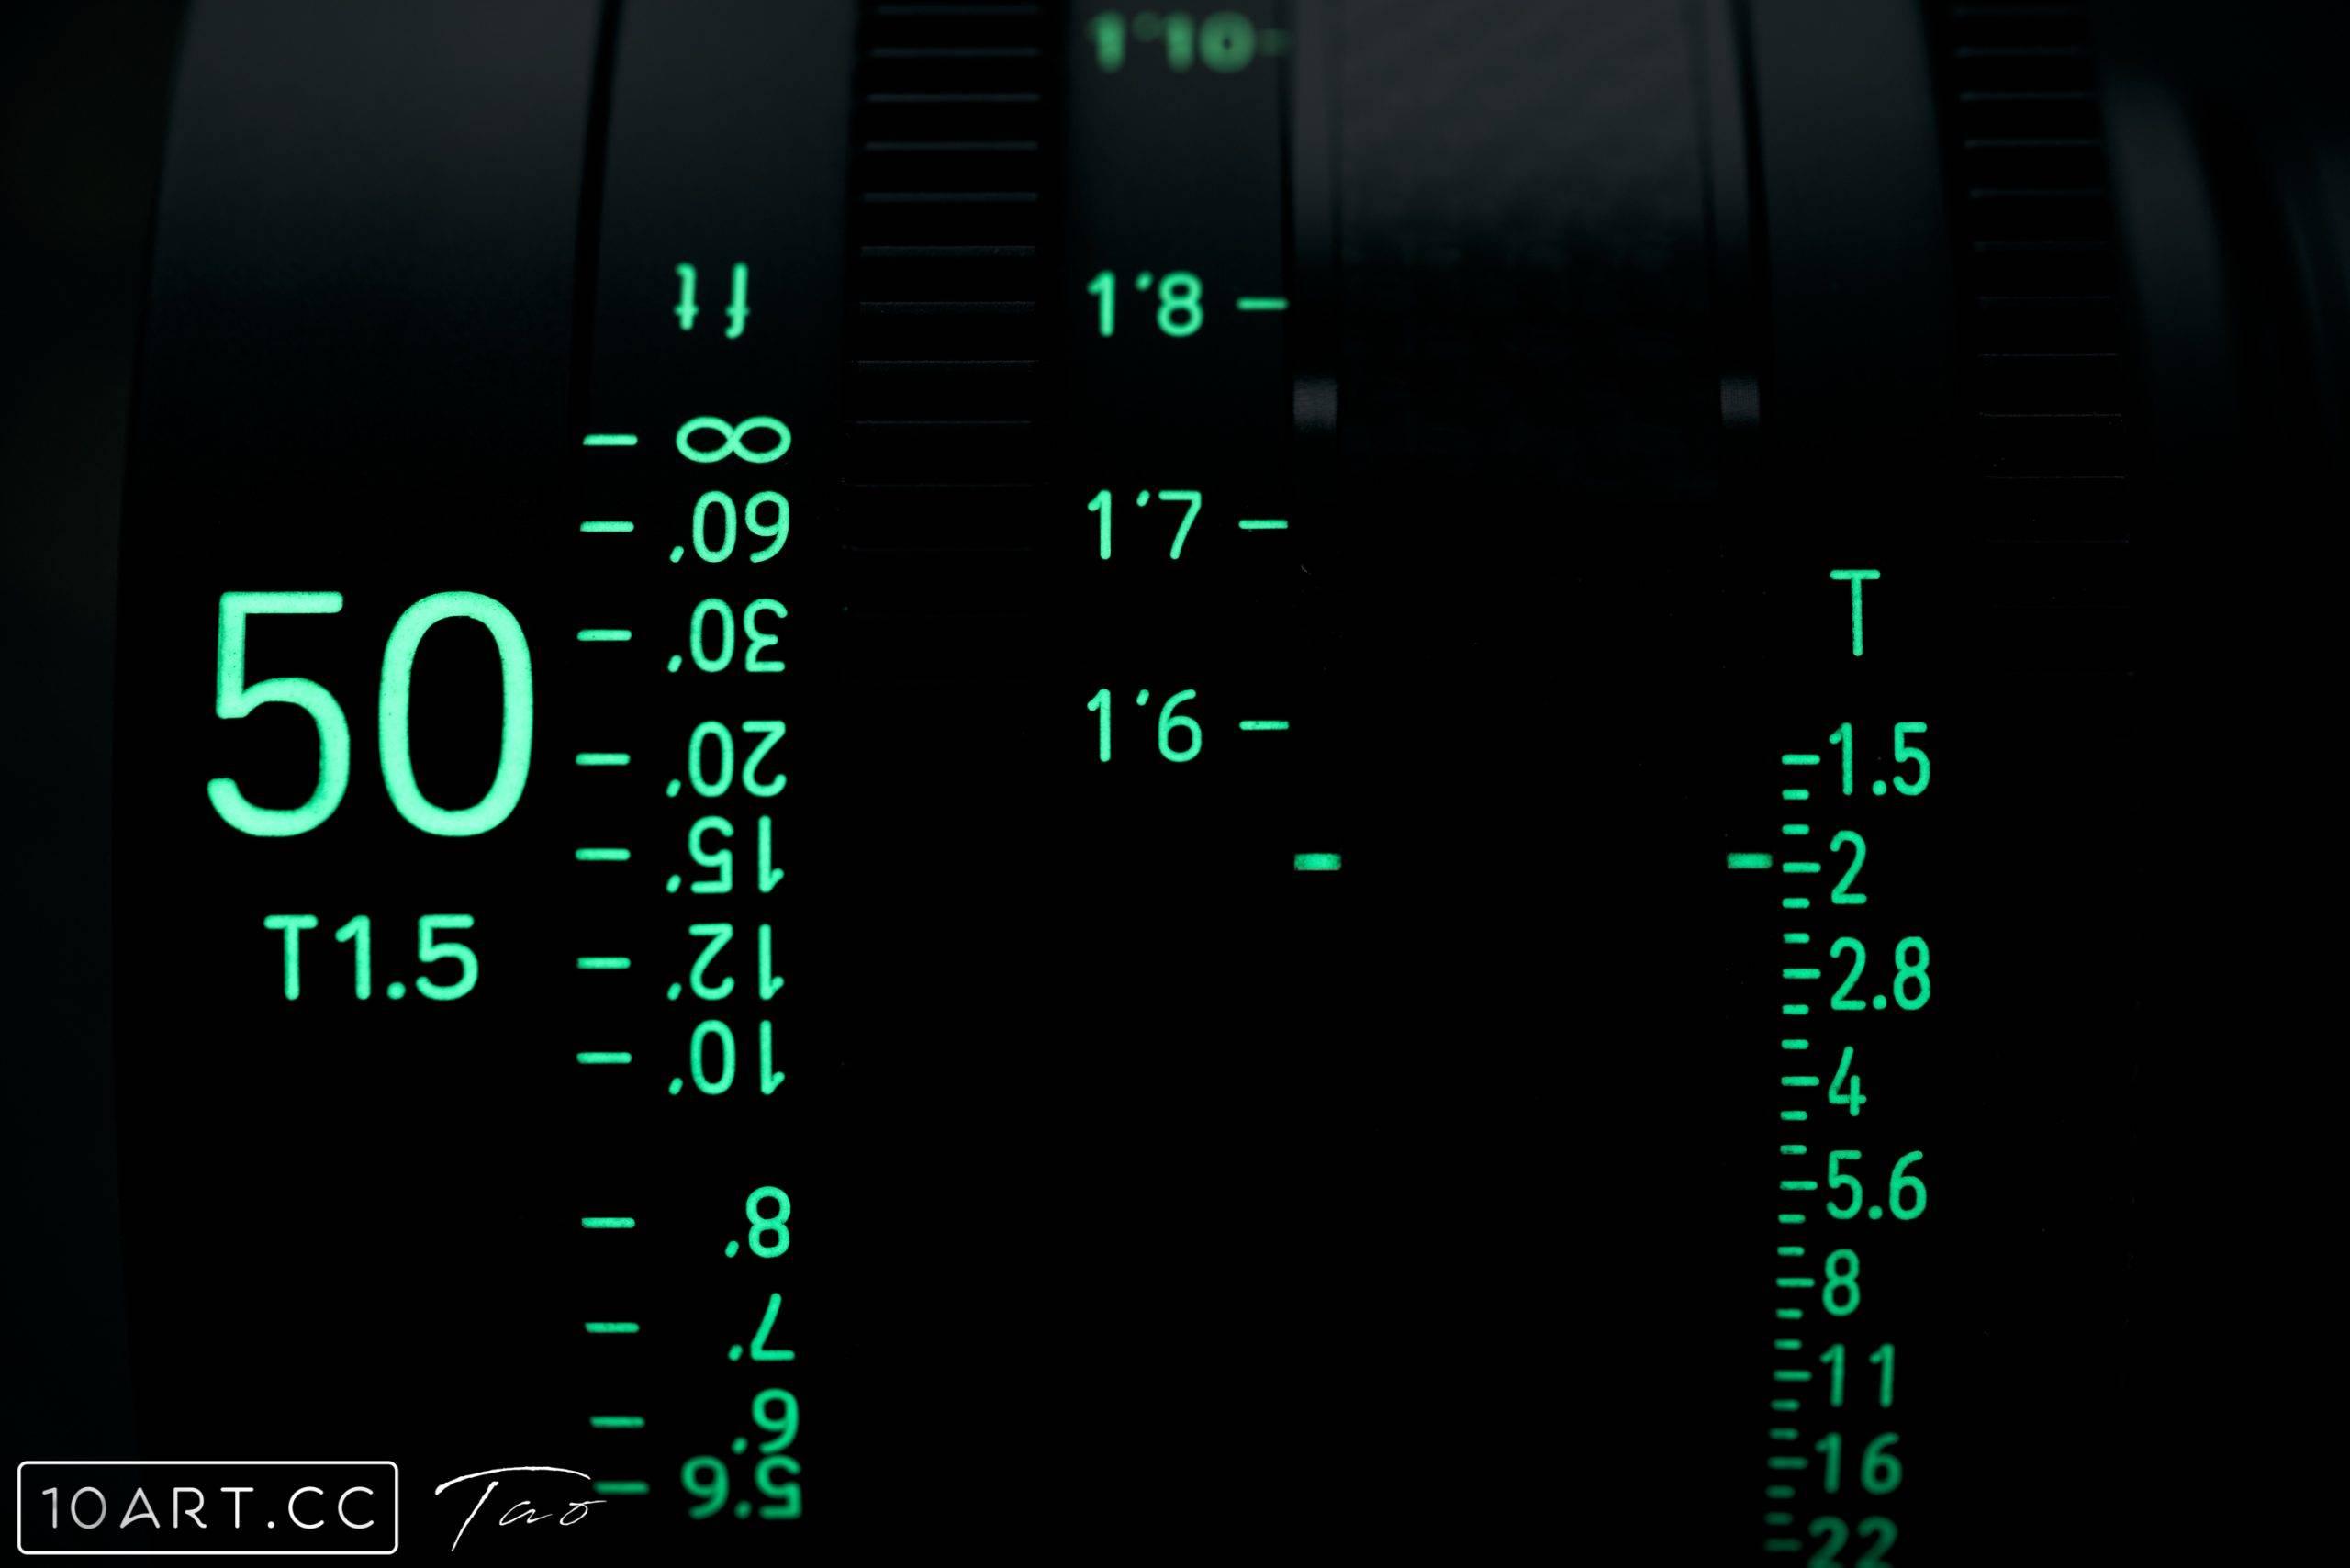 XEEN CF 电影镜头 50T1.5 体验分享-10ARTCC